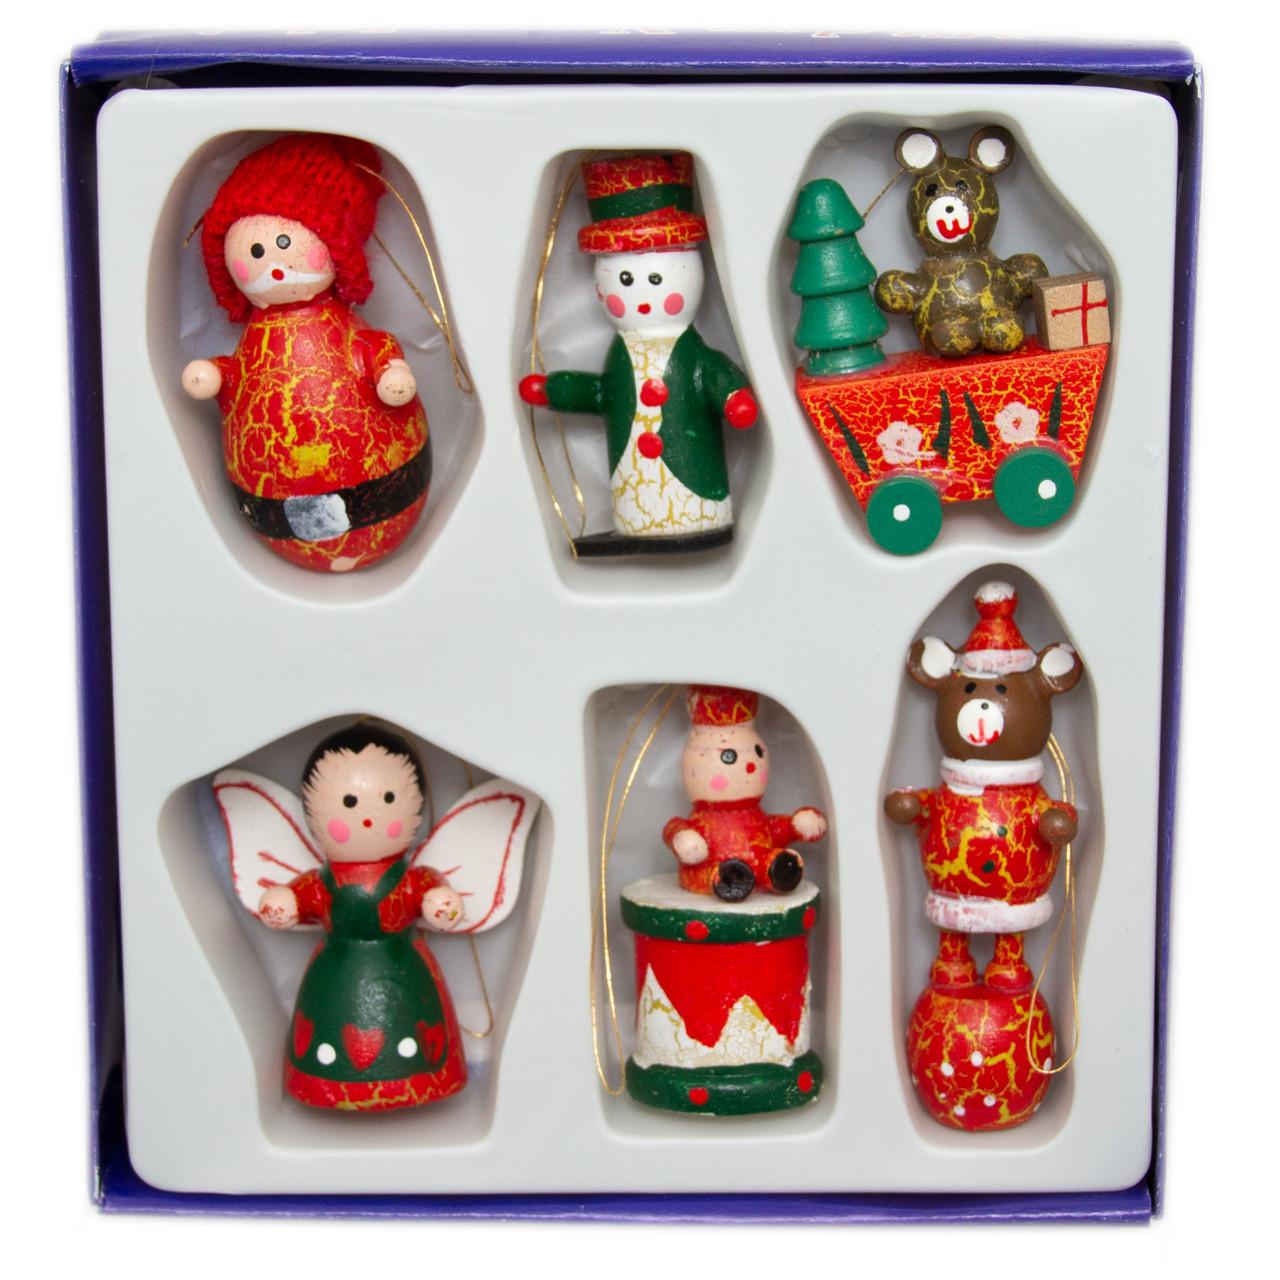 Набір ялинкових іграшок - дерев'яні фігурки, 6 шт, 14*14 см, різнокольоровий, дерево (060153)